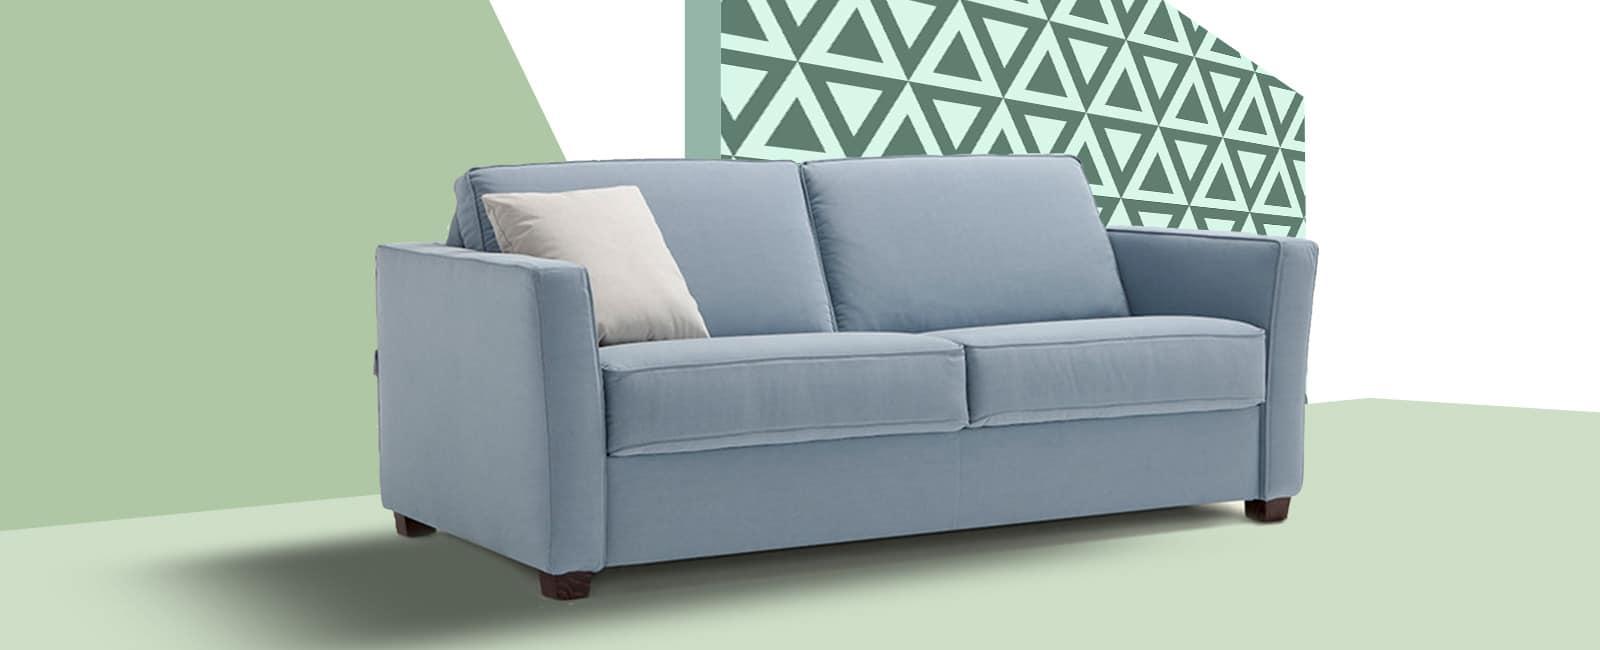 Conseil - Plus qu'un Canapé Convertible, un lit !